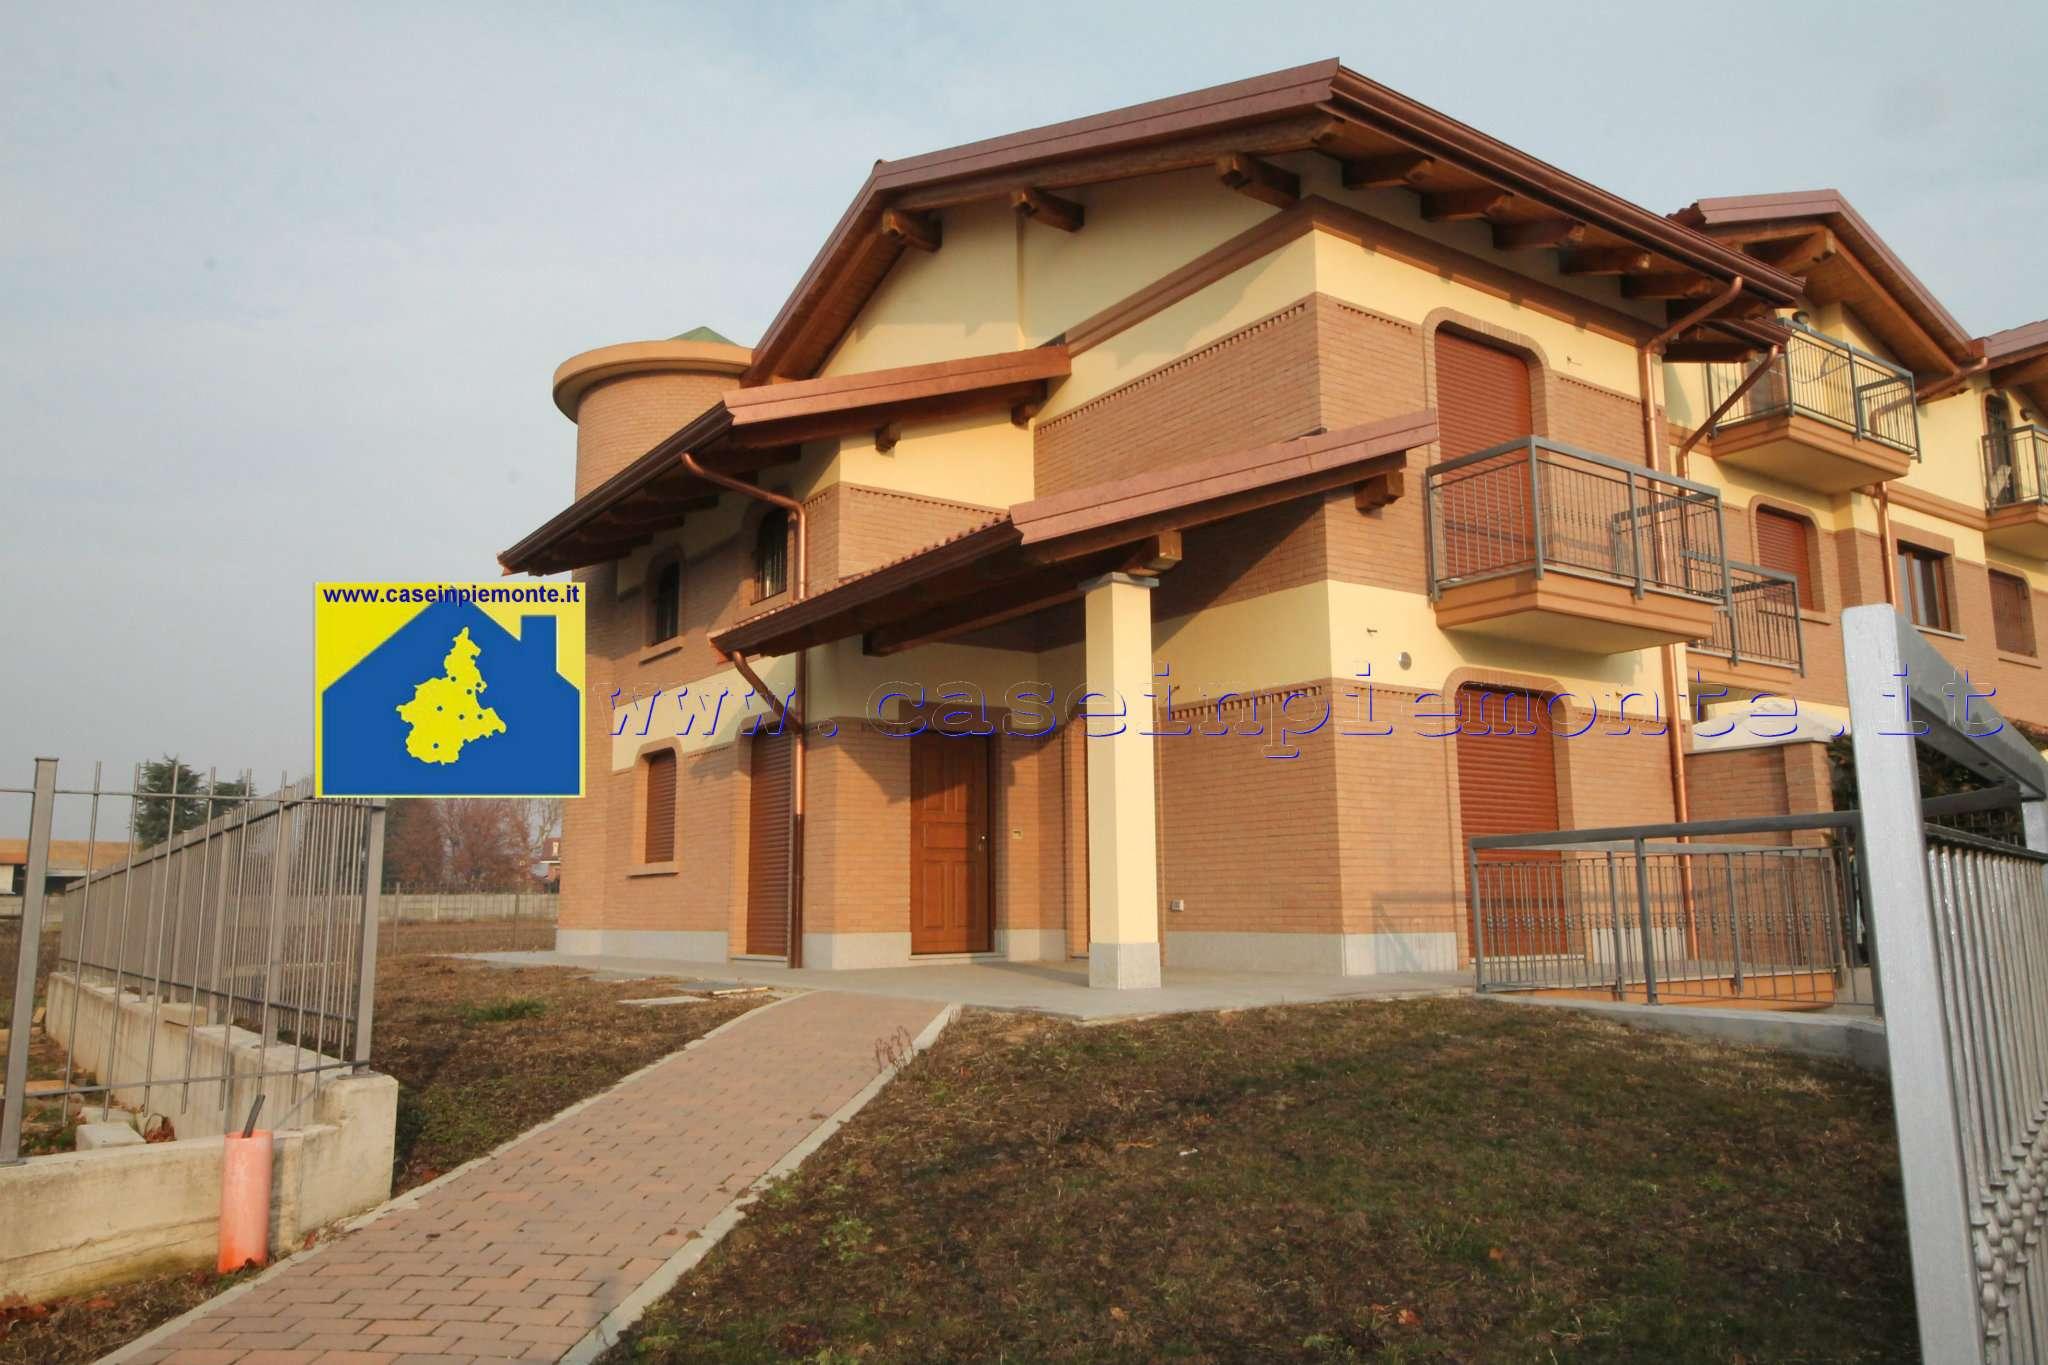 Villa in vendita a Rivalta di Torino, 6 locali, prezzo € 358.000 | CambioCasa.it